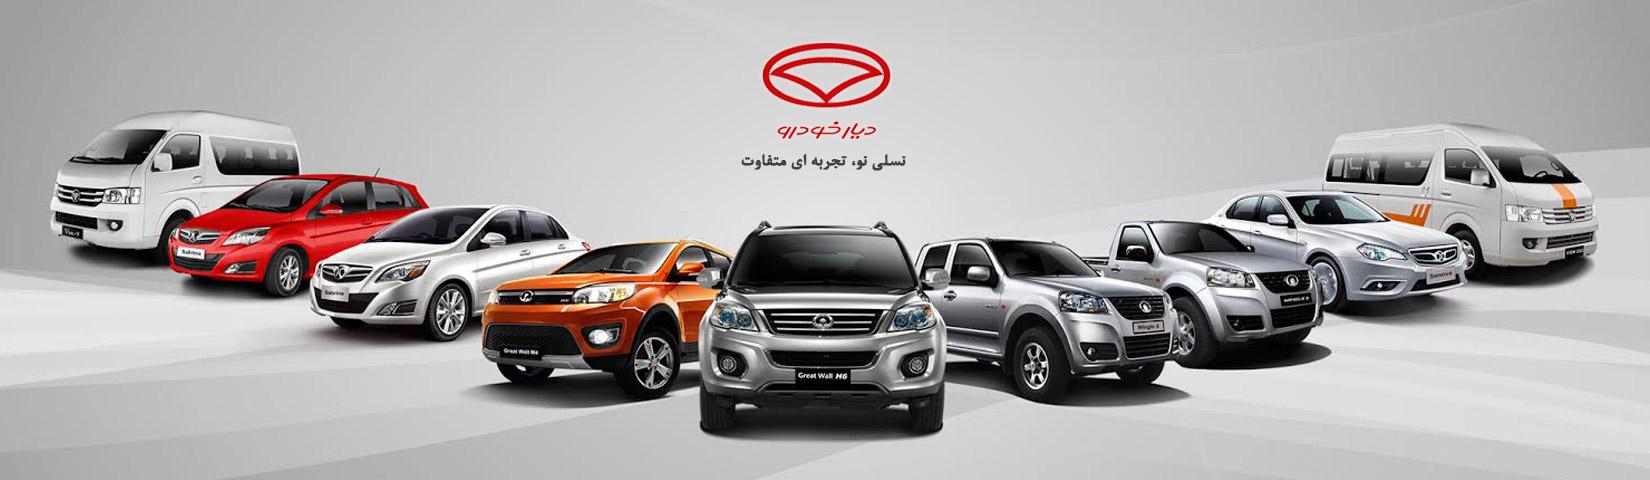 دیار خودرو,www.diar-khodro.com,فروش محصولات دیار خودرو